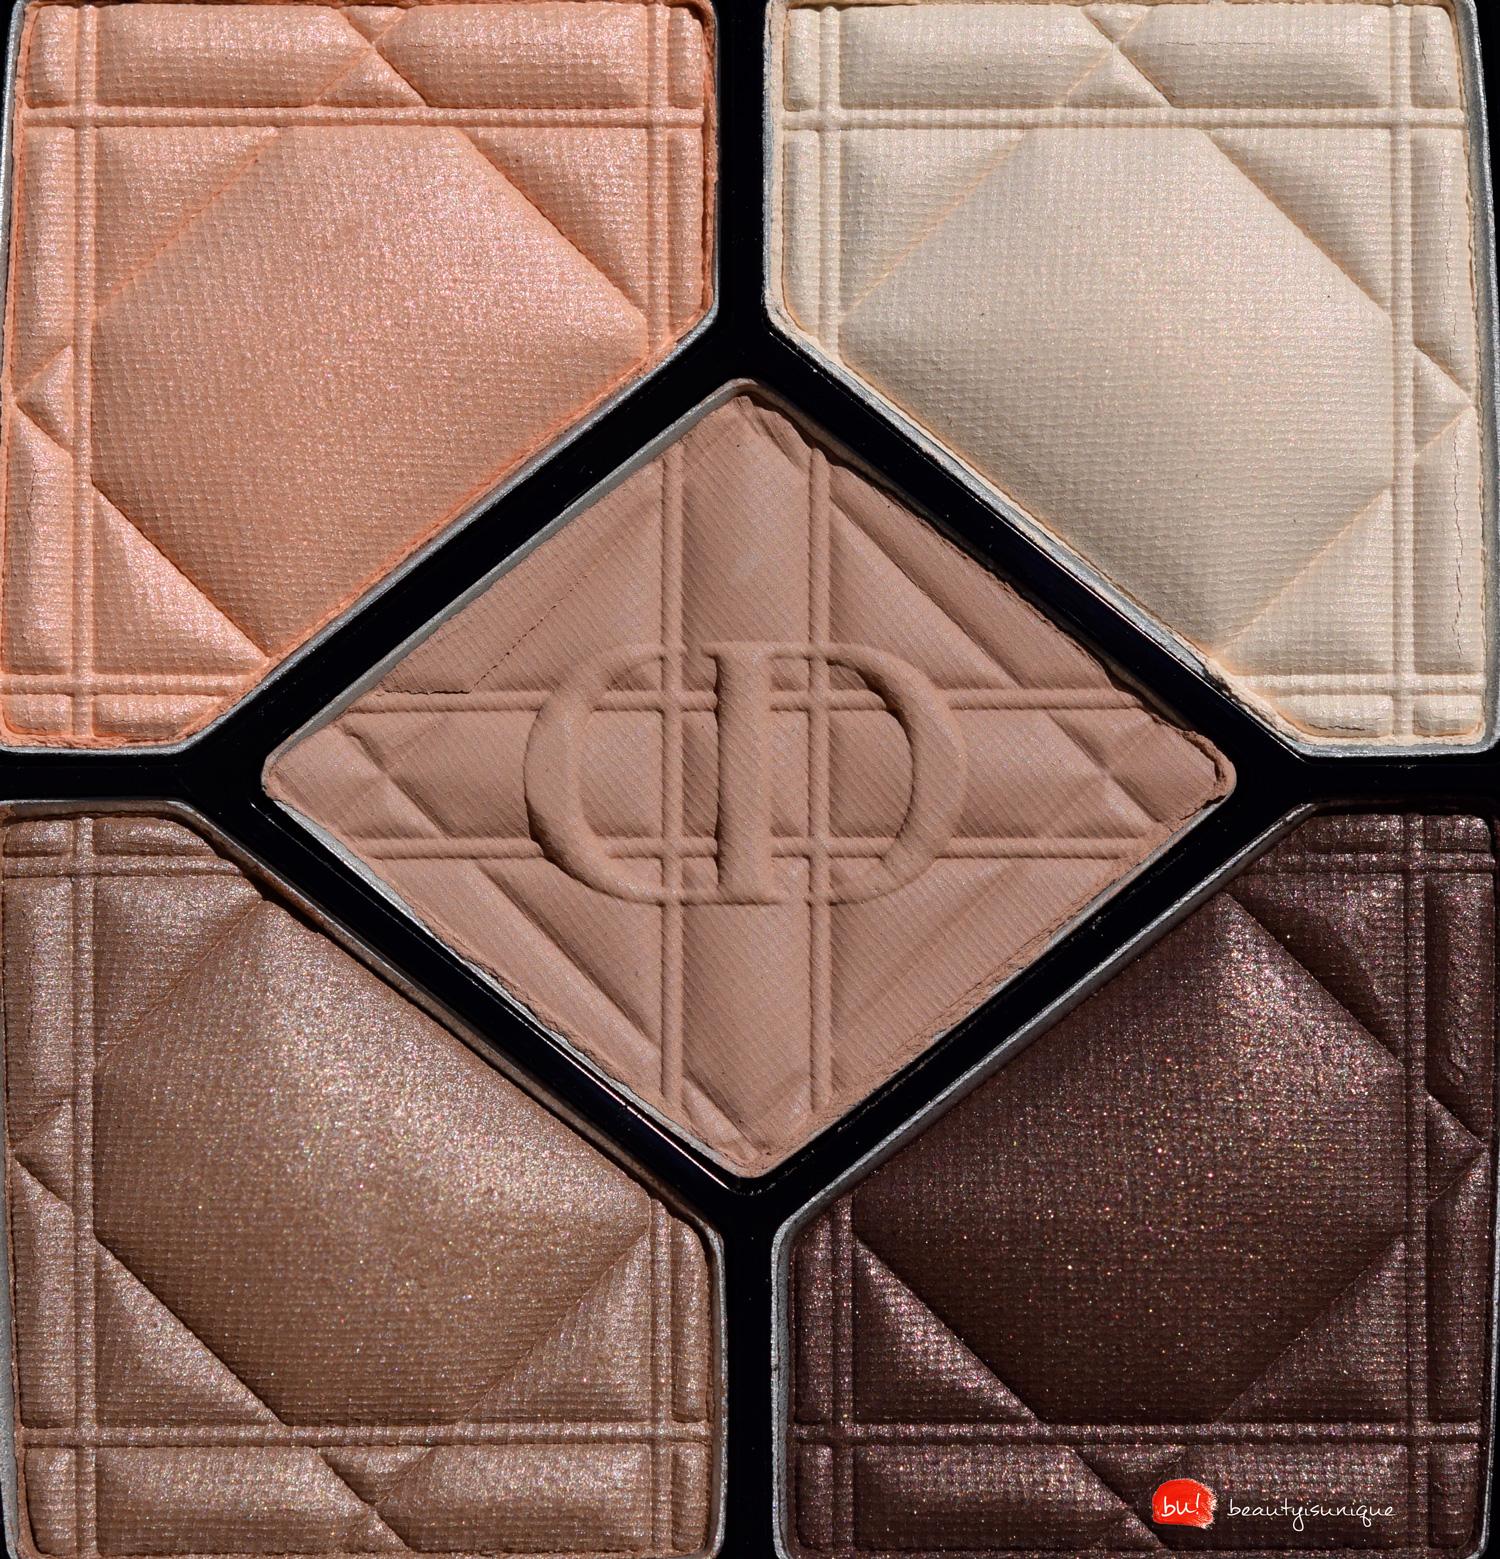 Dior-undress-647-eyeshadow-palette